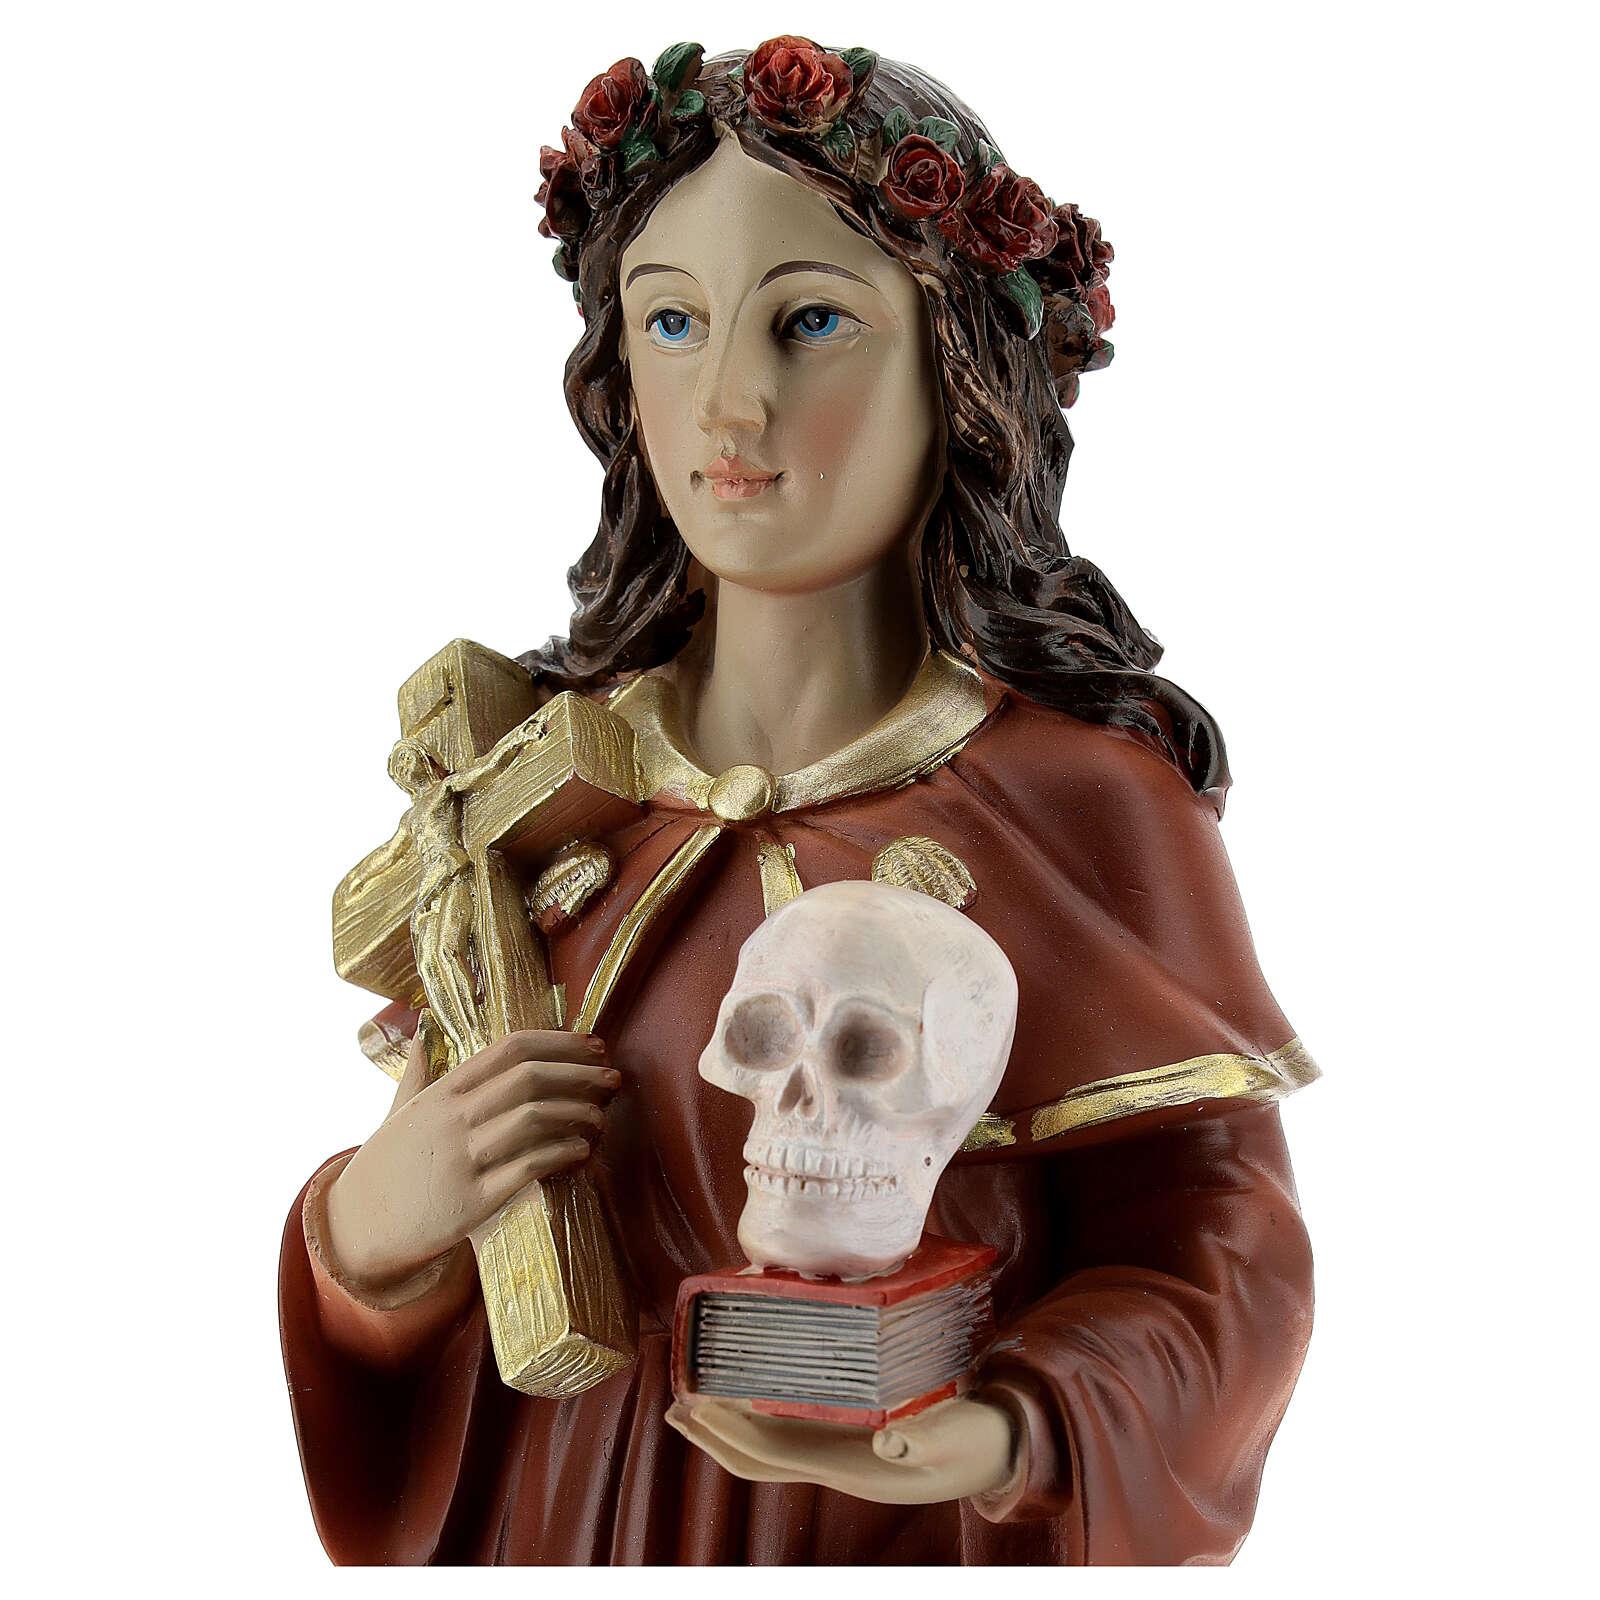 Statue of St. Rosalia crown roses skull resin 32 cm 4